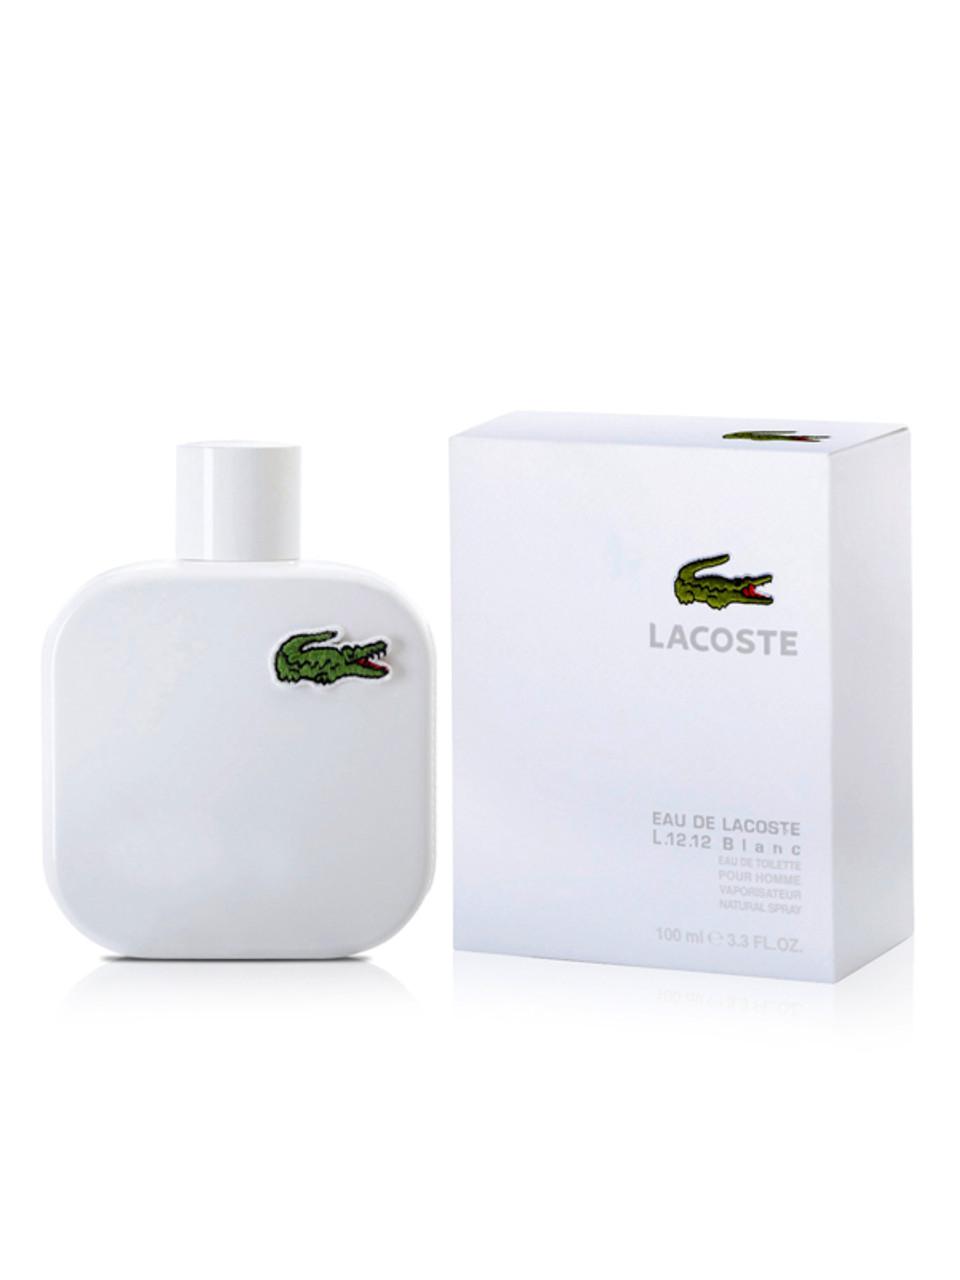 e05f329f3c80ea Eau De Lacoste L.12.12 Blanc By Lacoste For Men - Perfume X